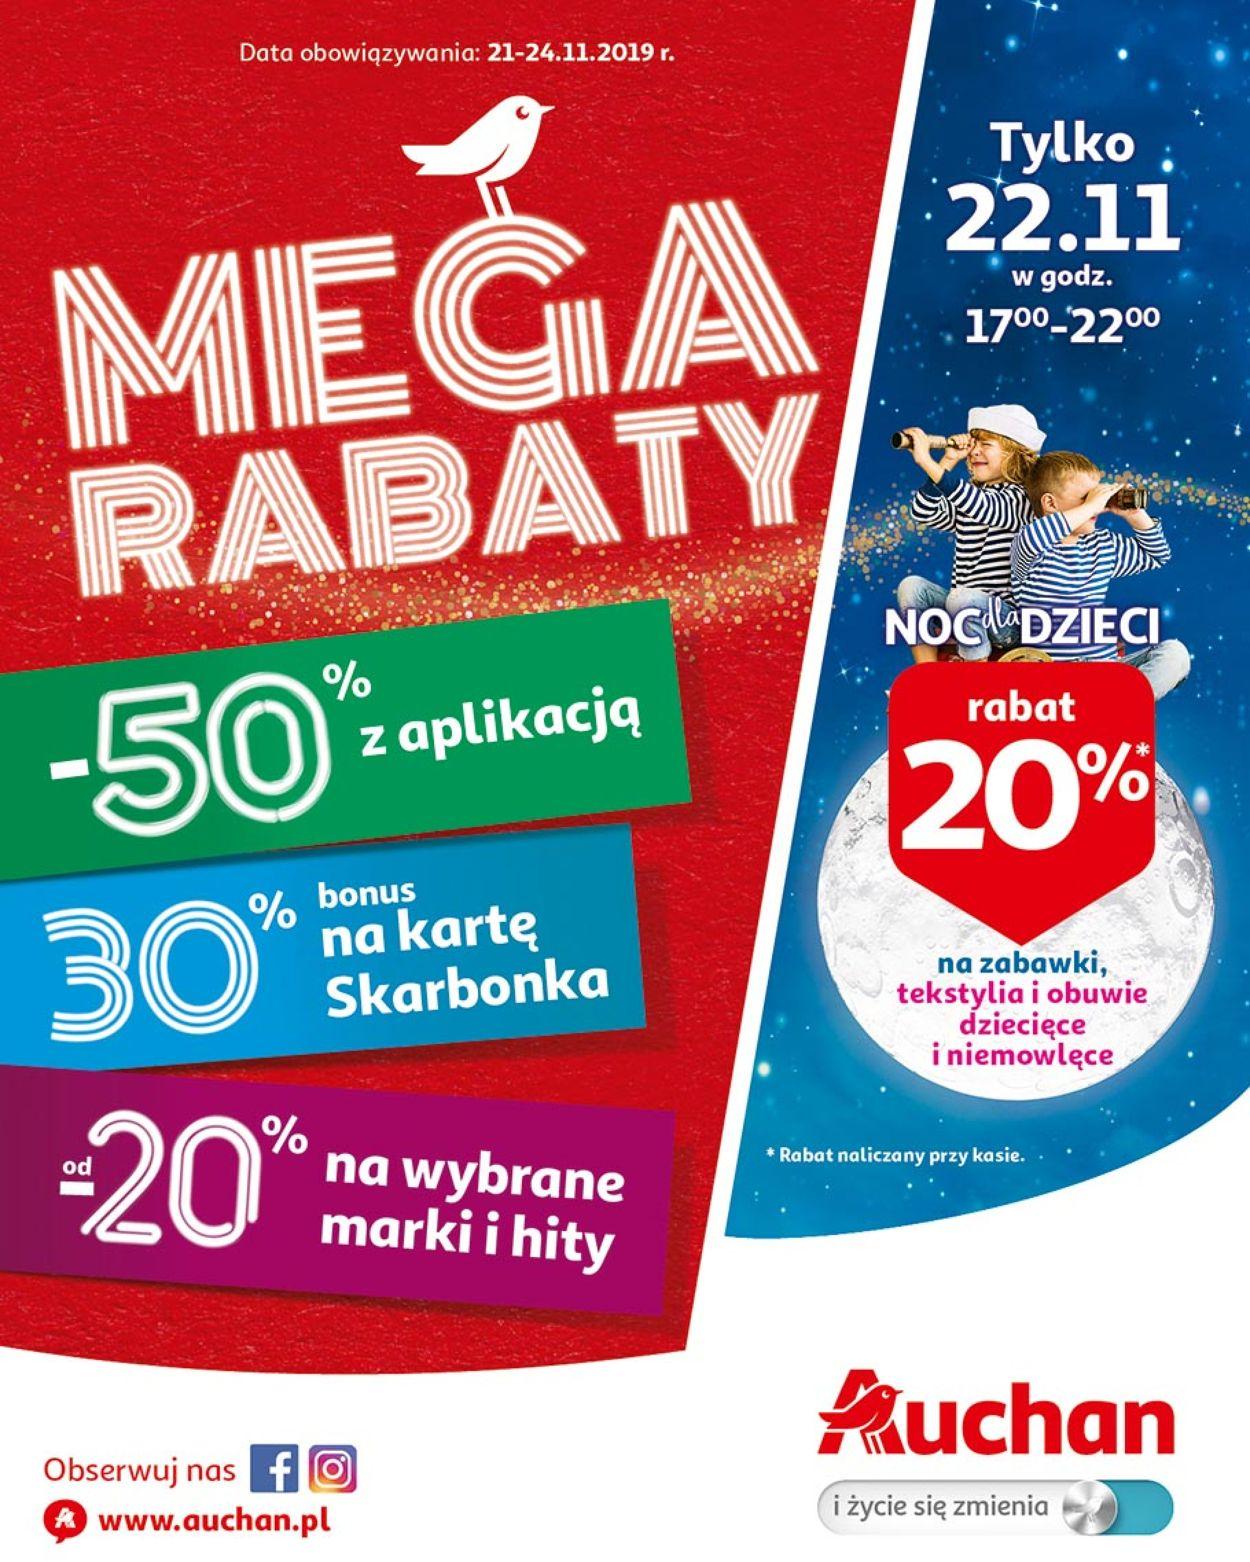 Gazetka promocyjna Auchan - 21.11-24.11.2019